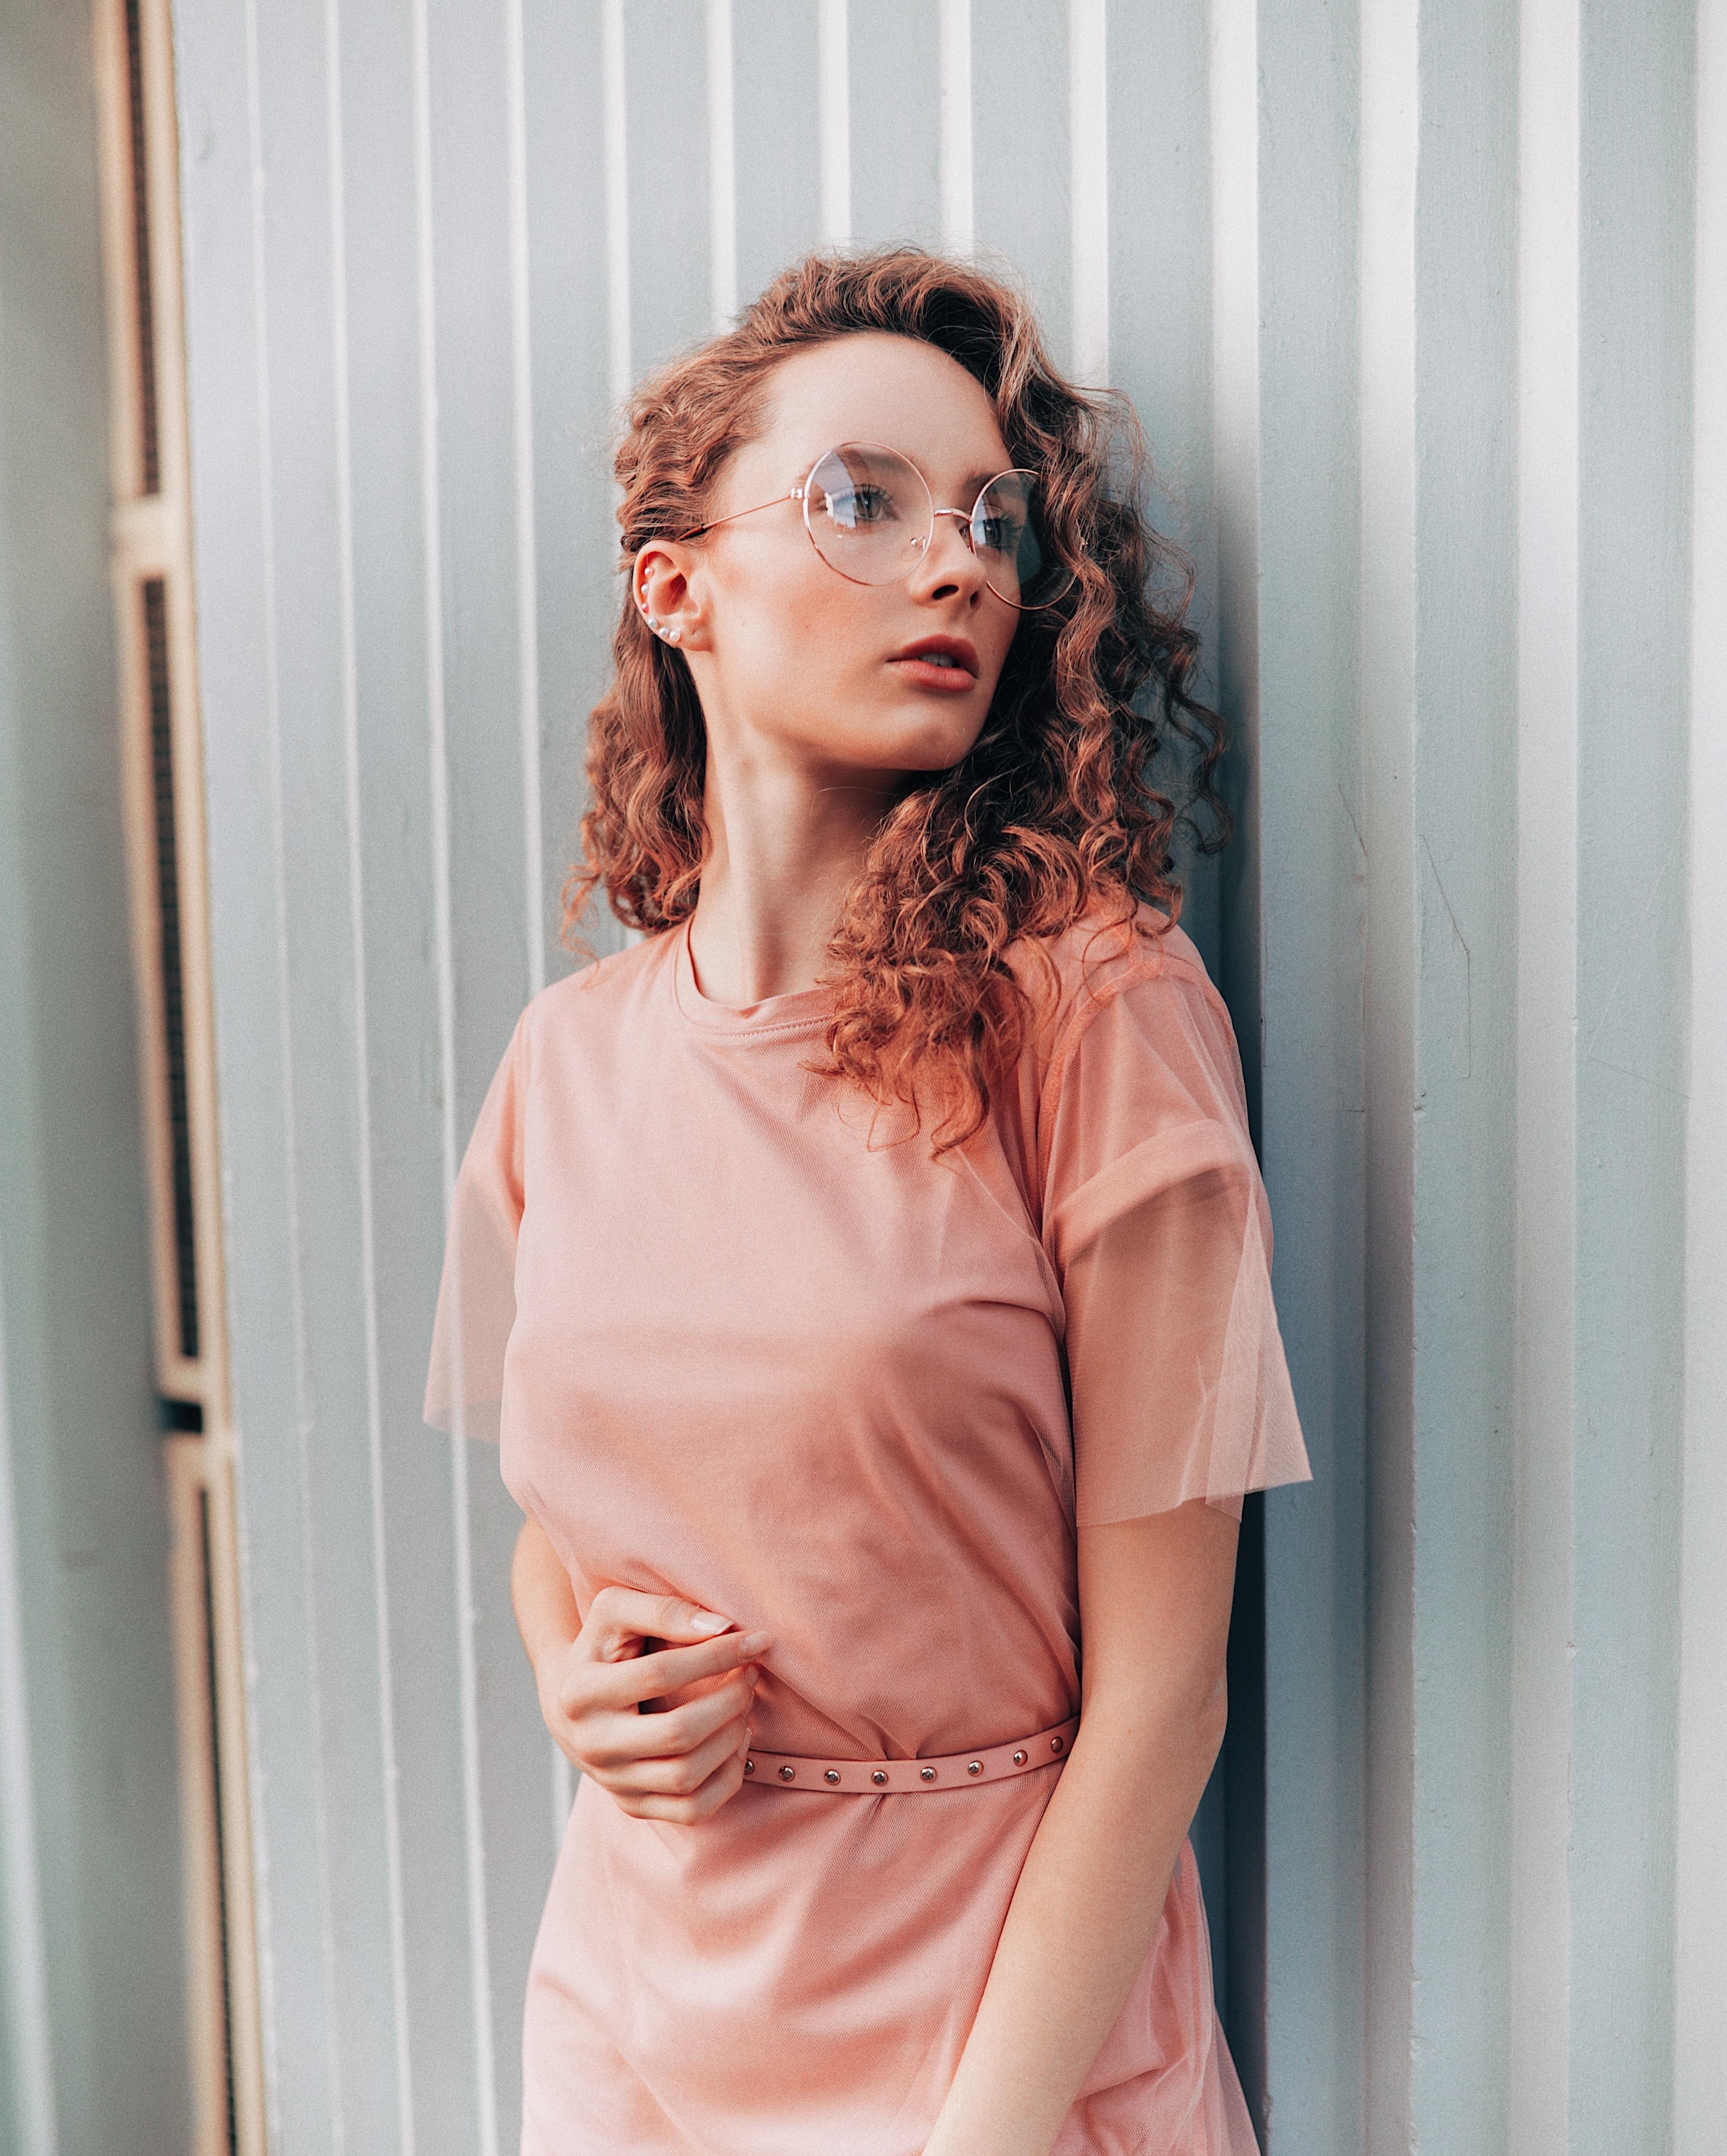 Fiona Jaederlund